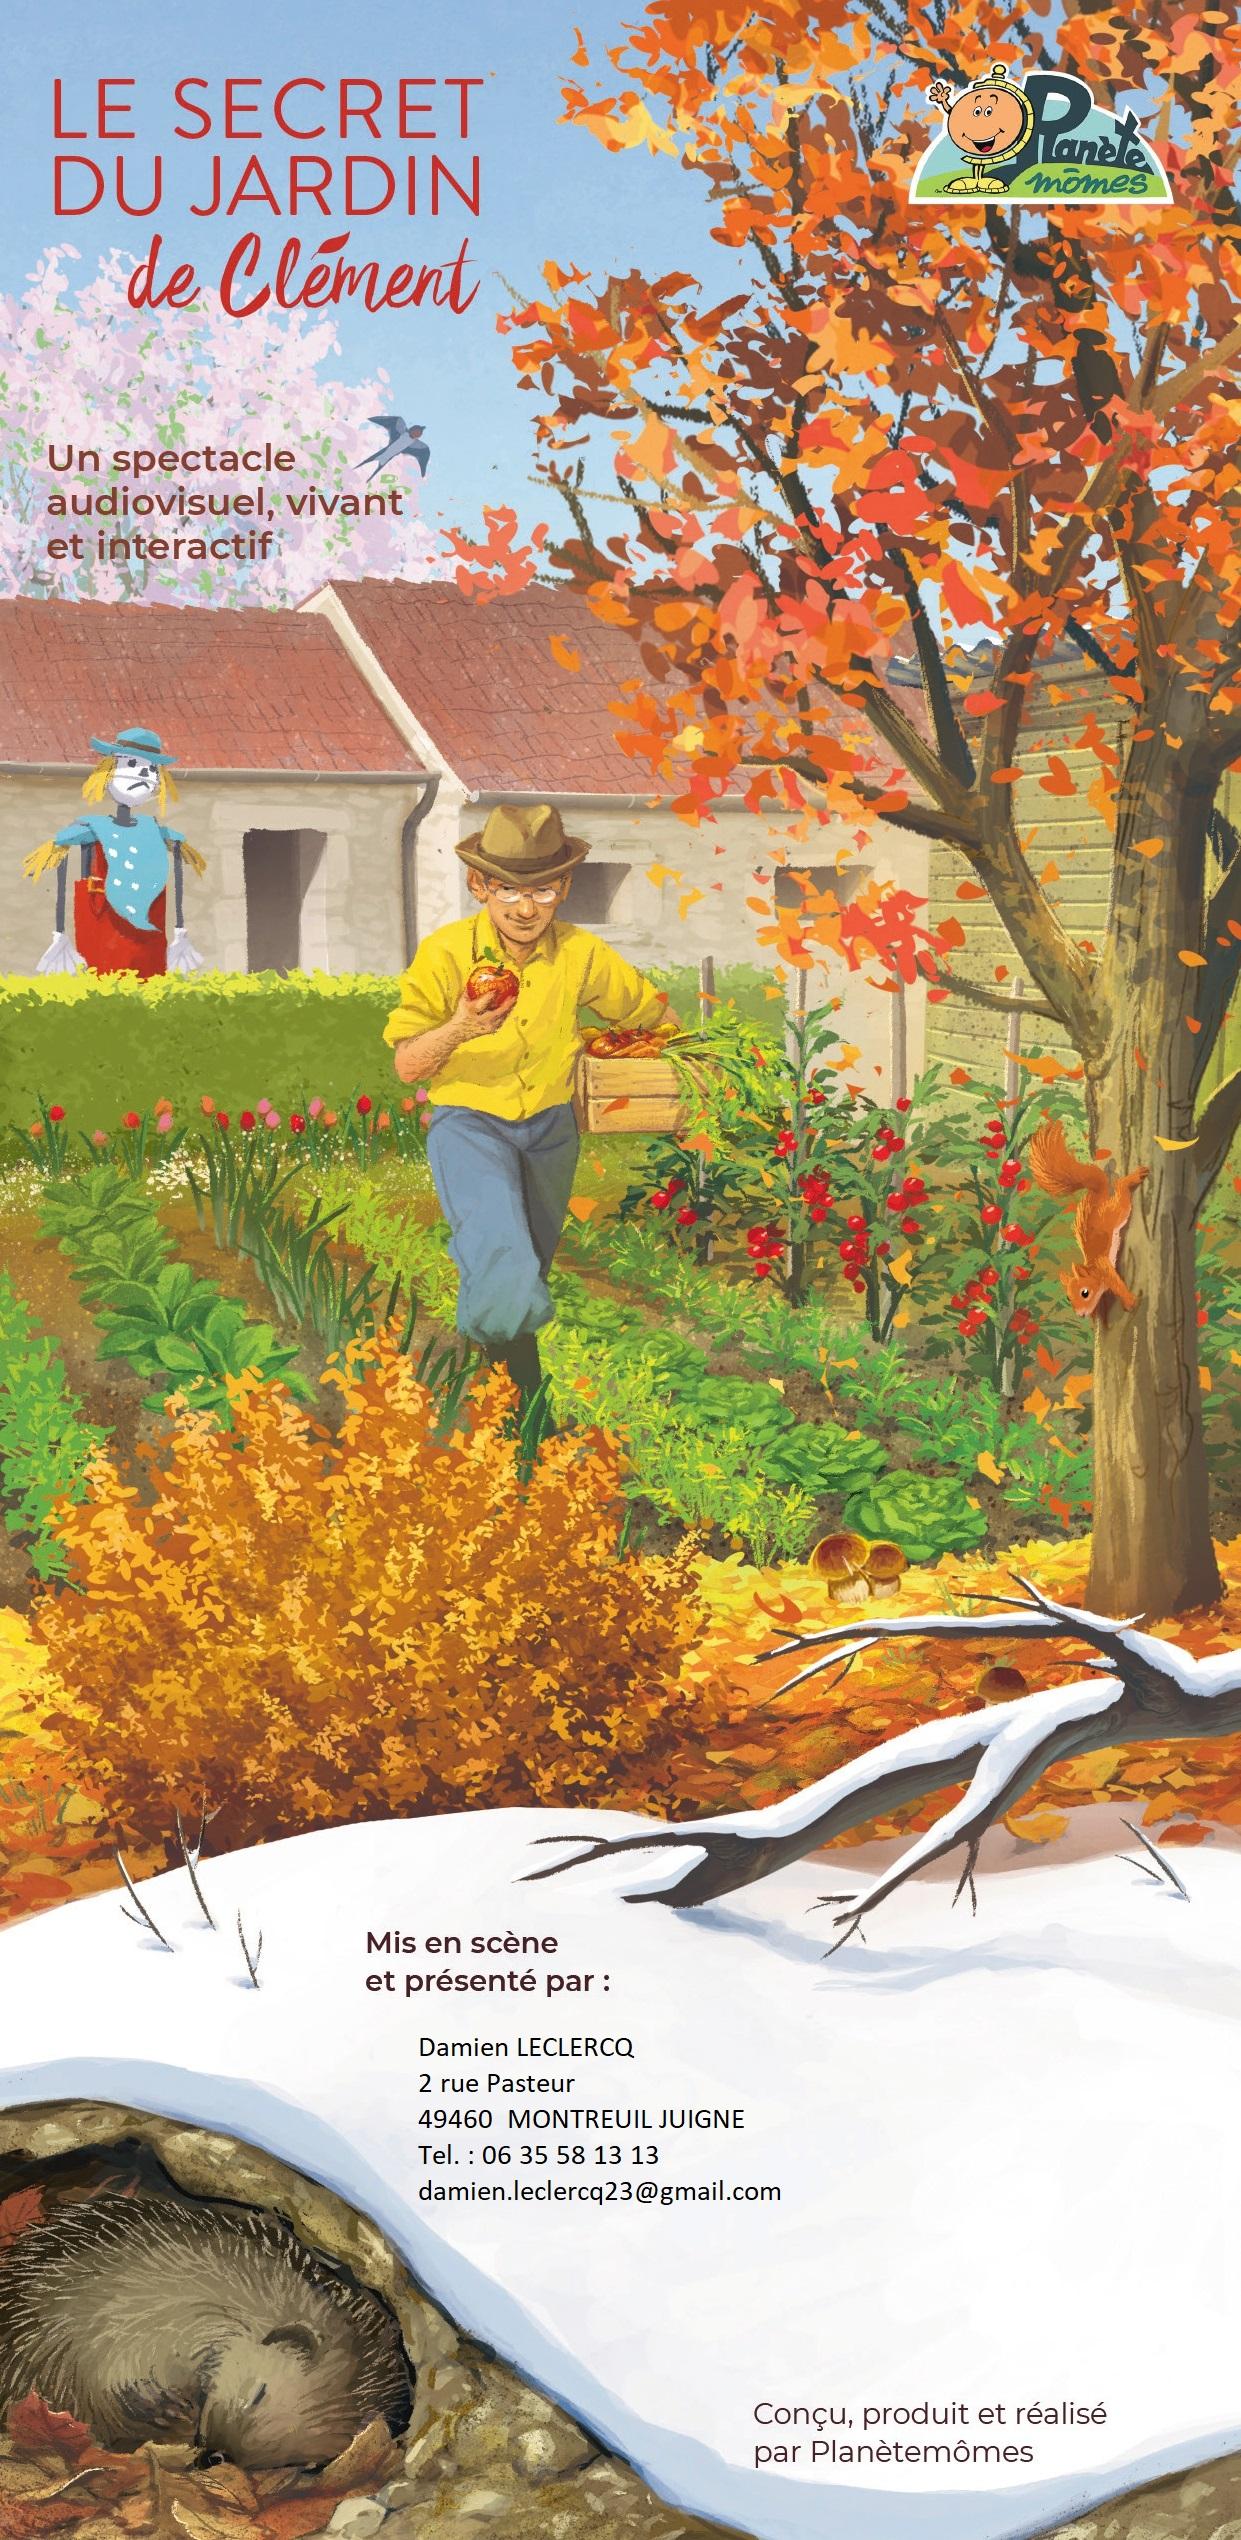 depliant-secret-jardin-clement_page-0001